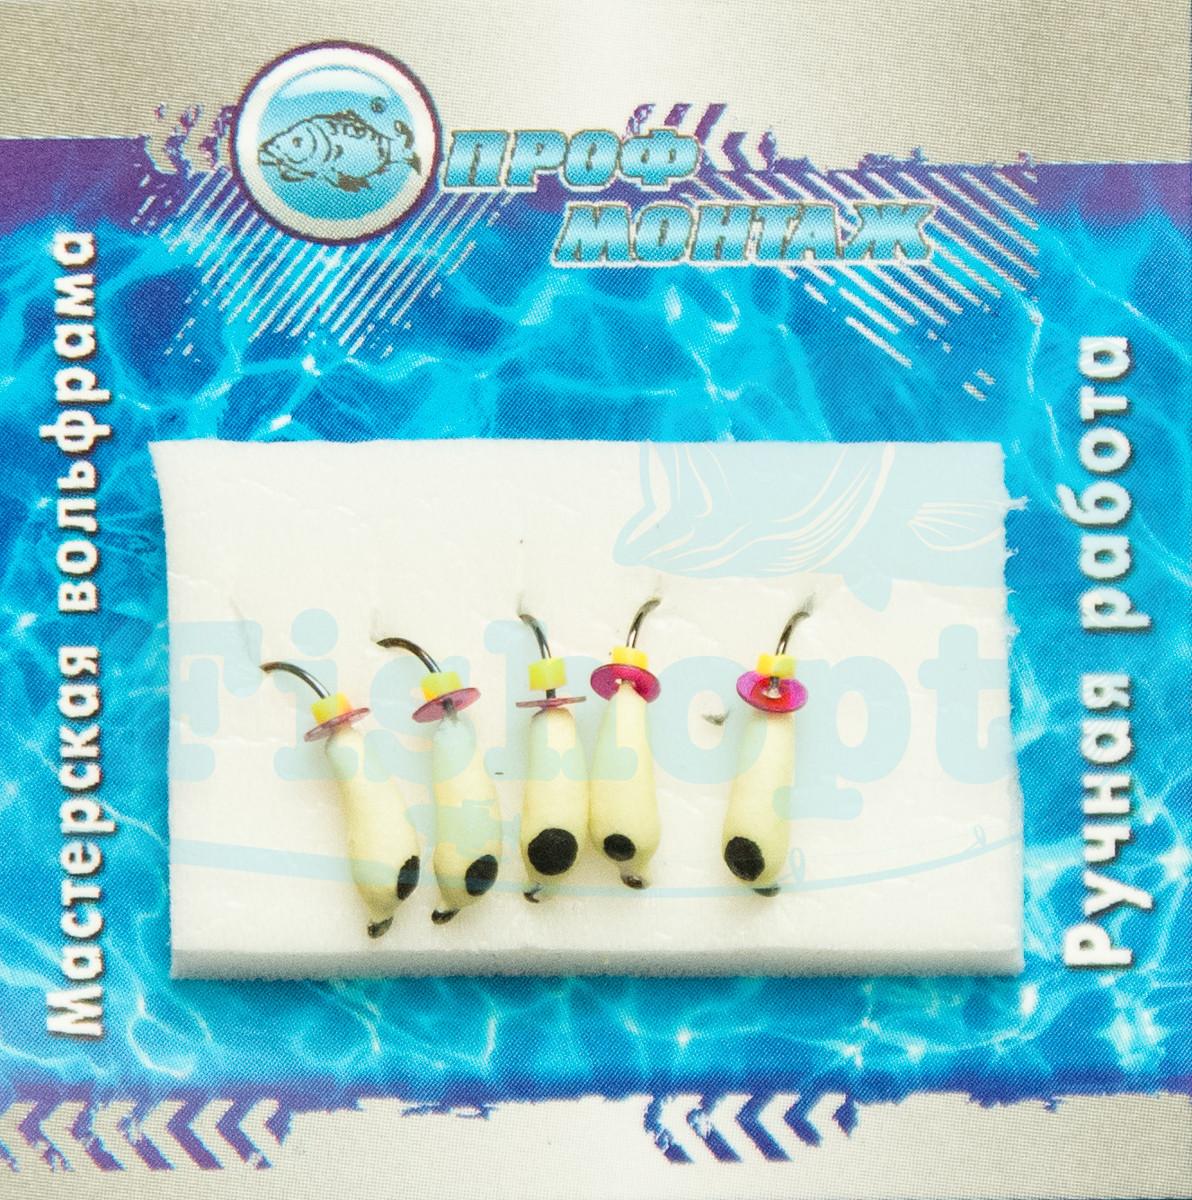 Мормышка вольфрамовая |429| Уралка 2,5 с фосфором 0,4g